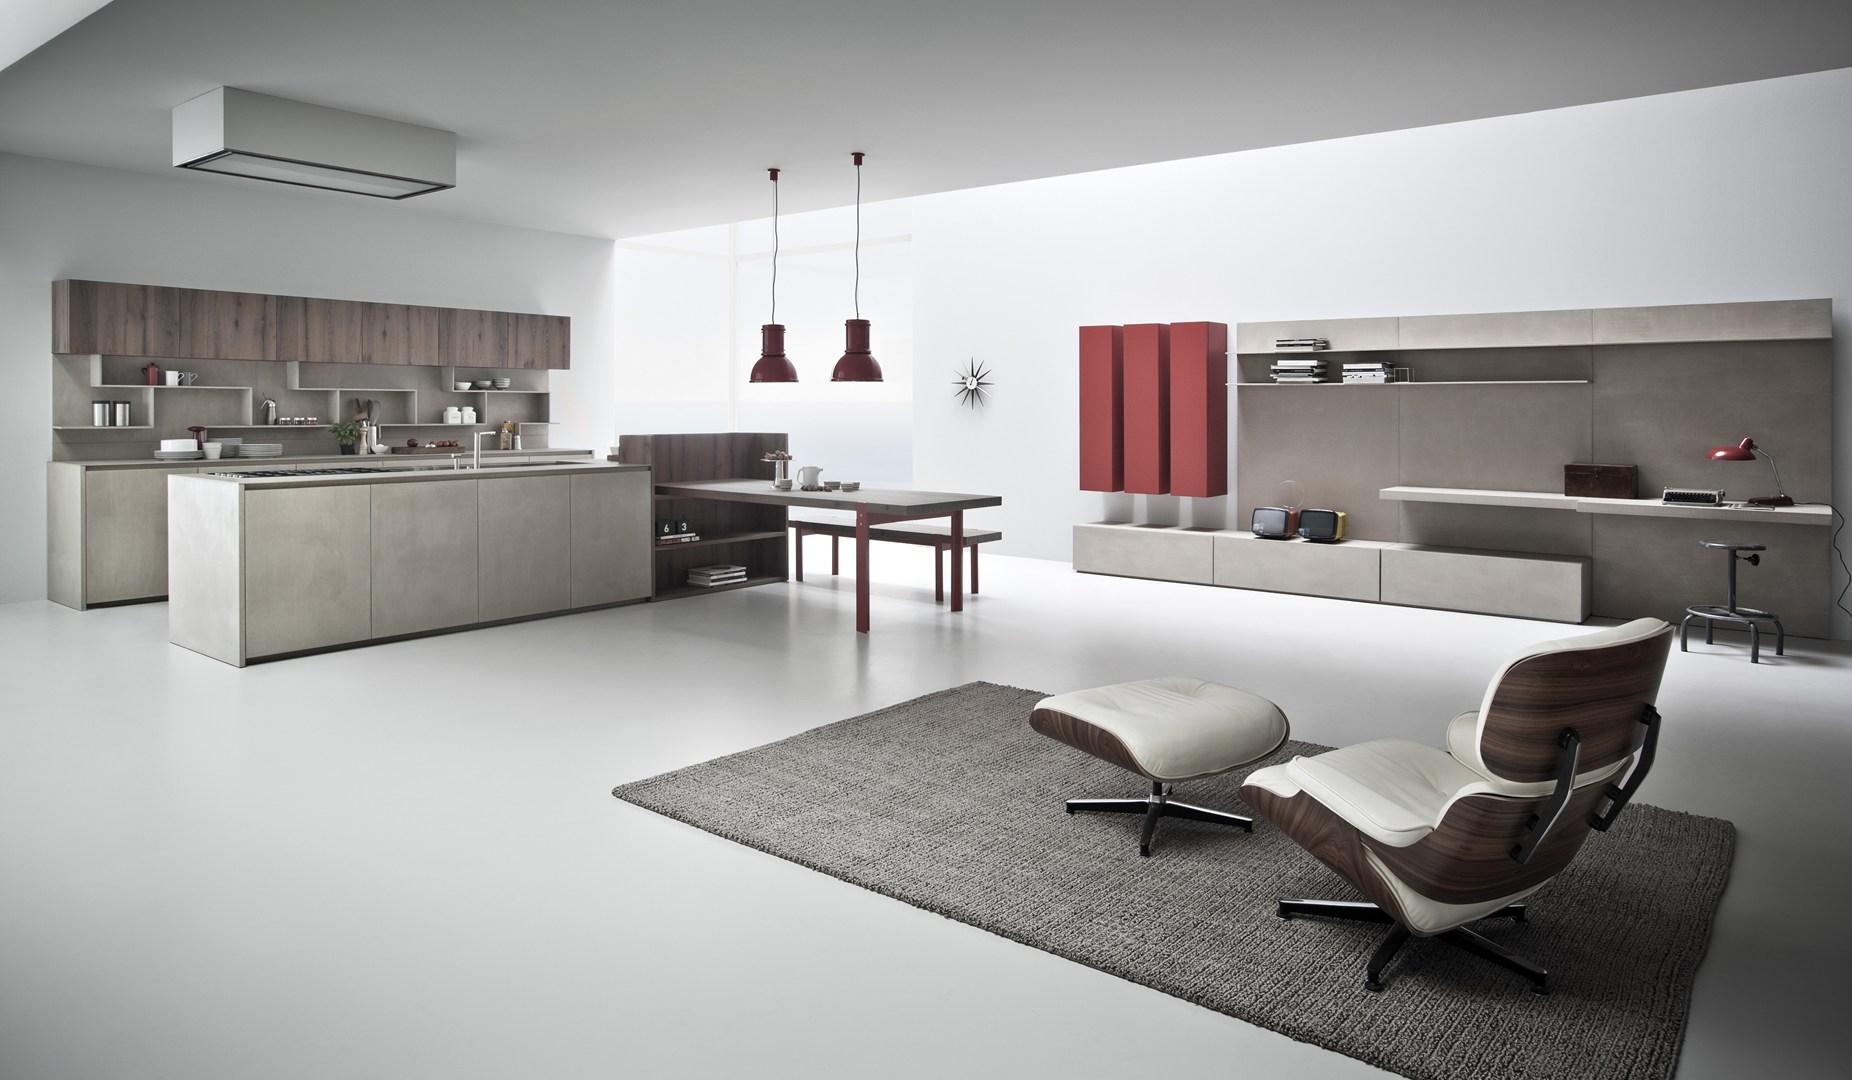 Resina di cemento e rovere tavolato - Rivestimento parete cucina ...